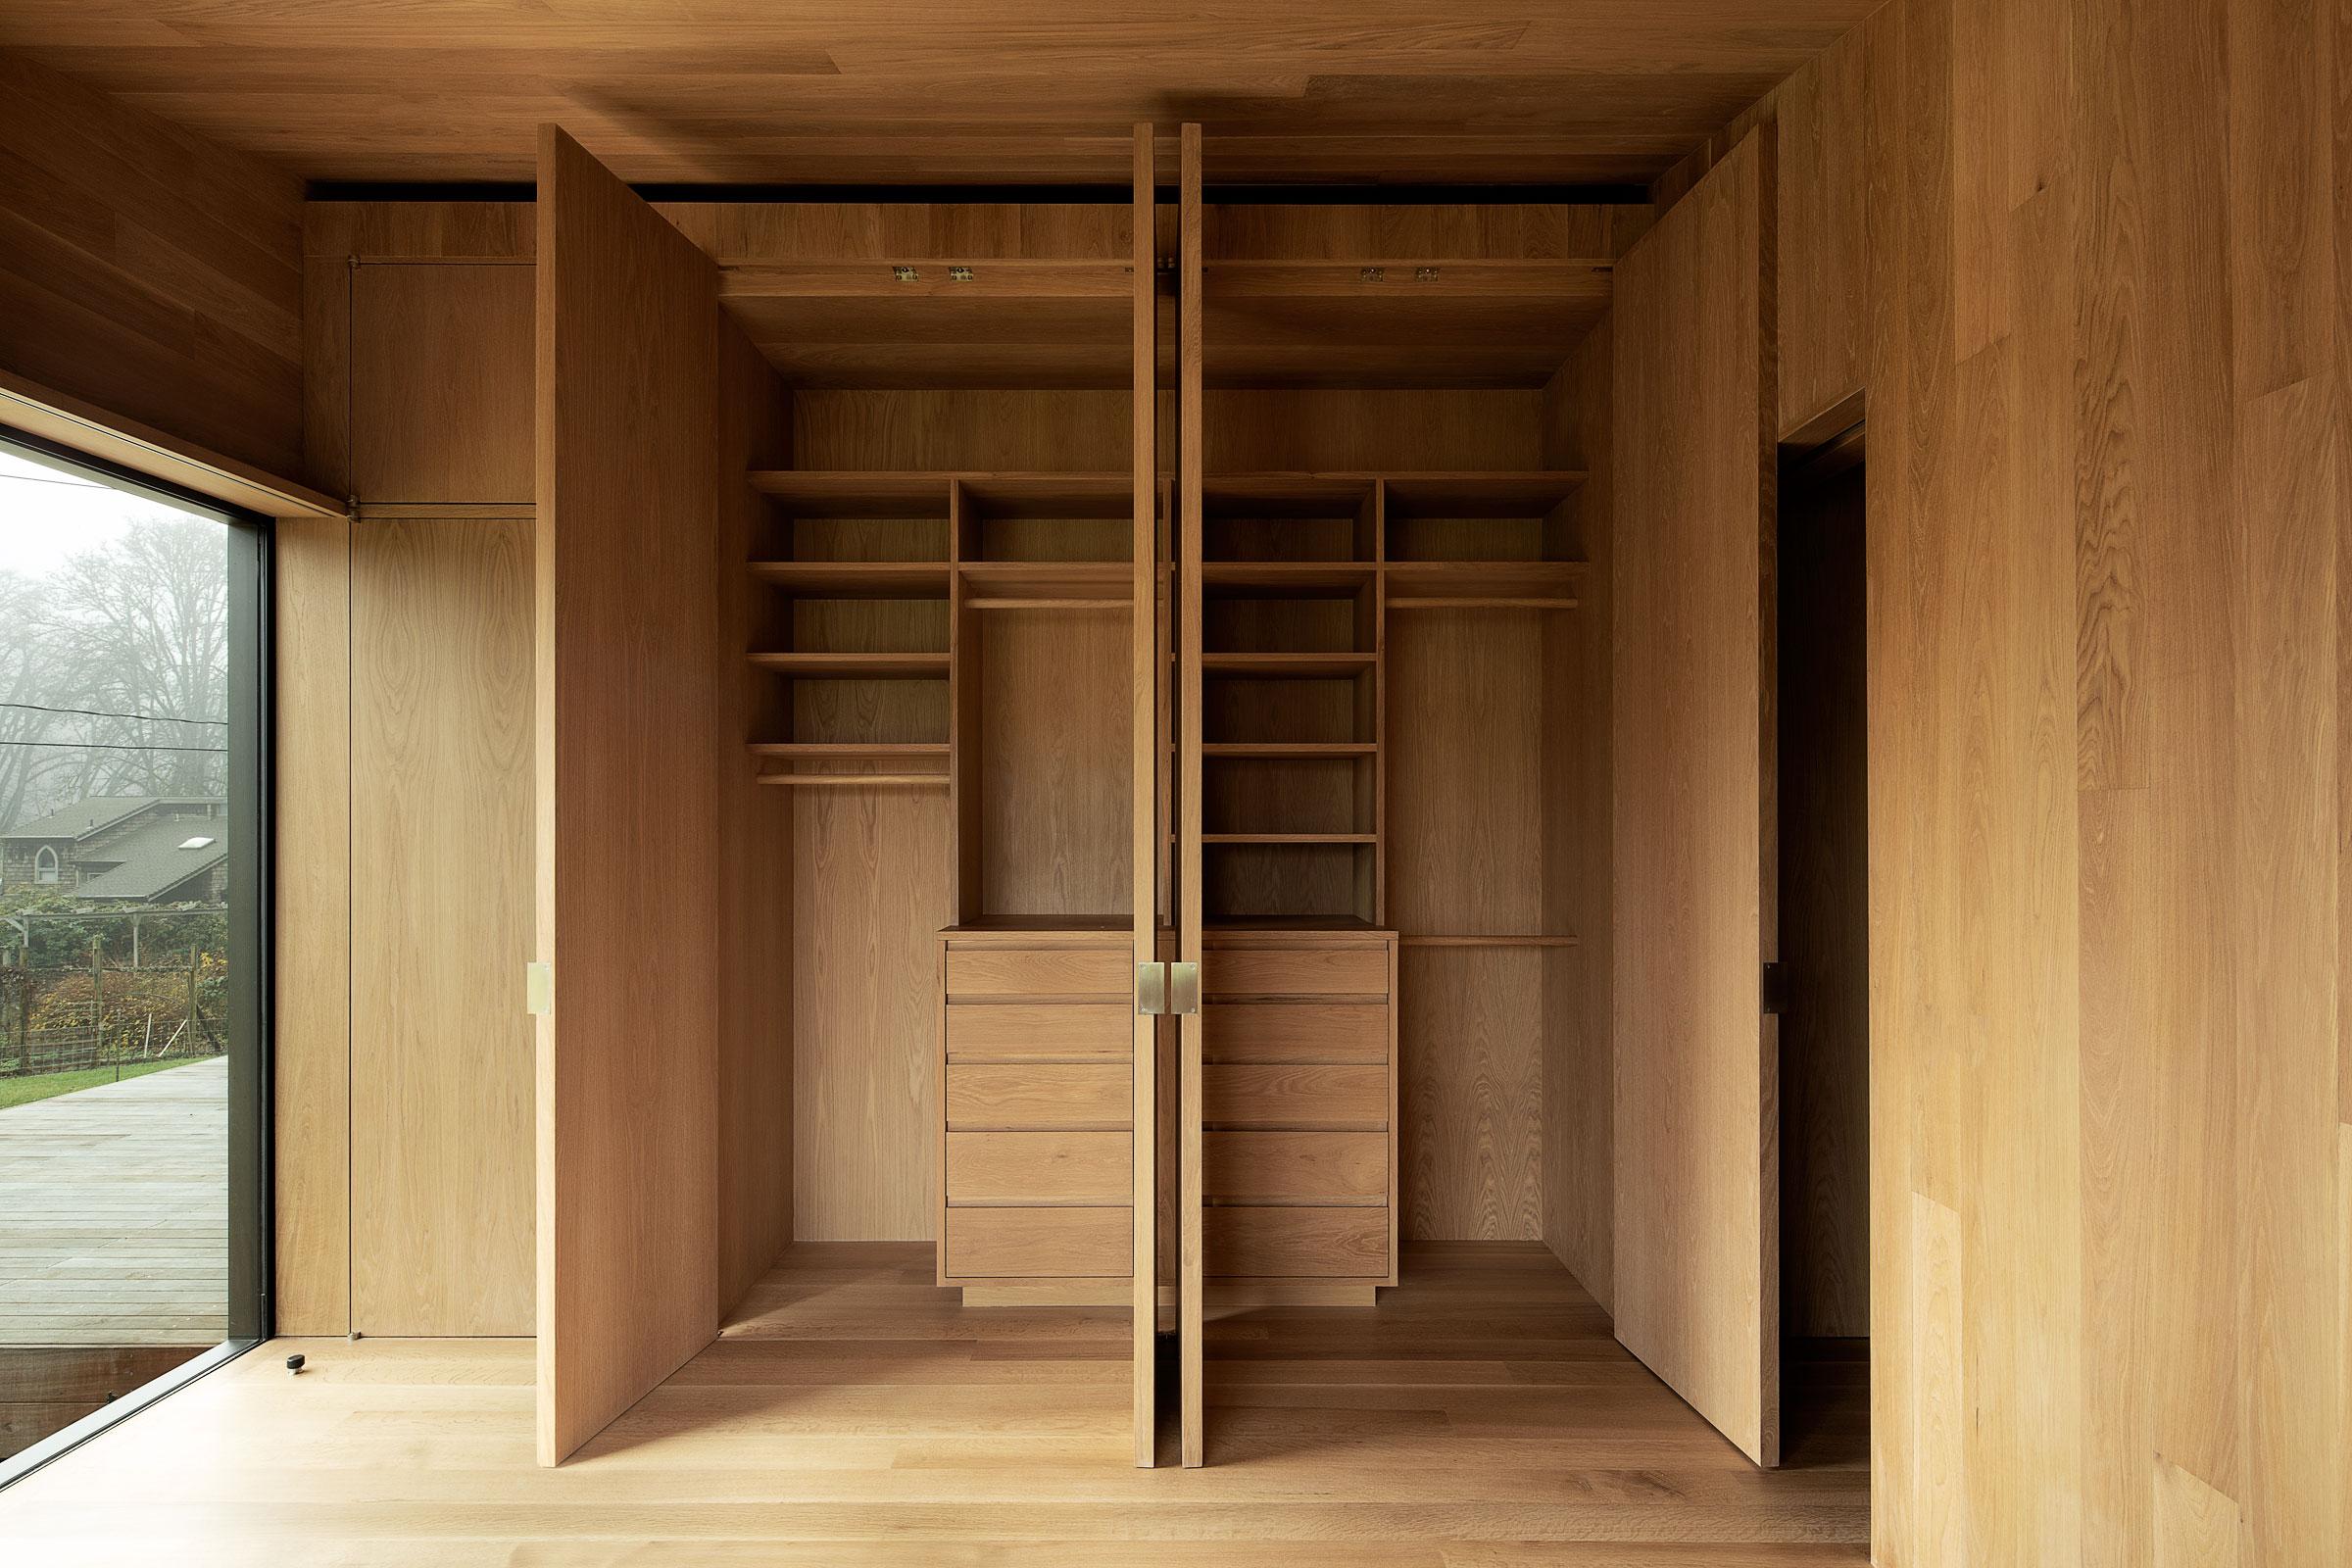 Divine House. Primary bedroom, all closet doors open